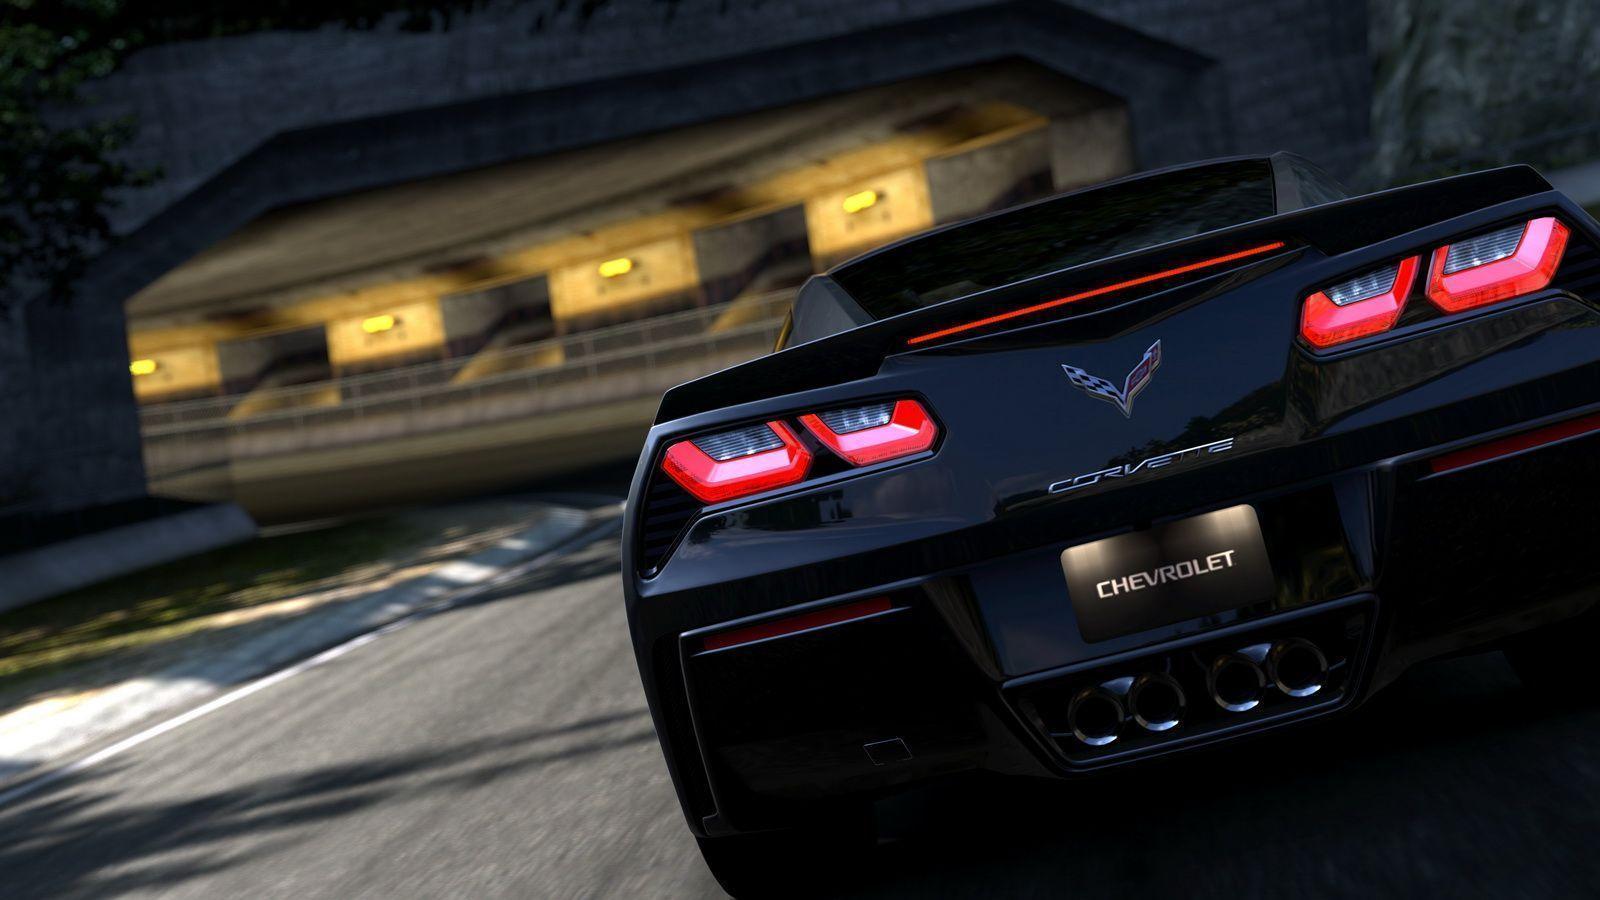 c4 corvette wallpaper